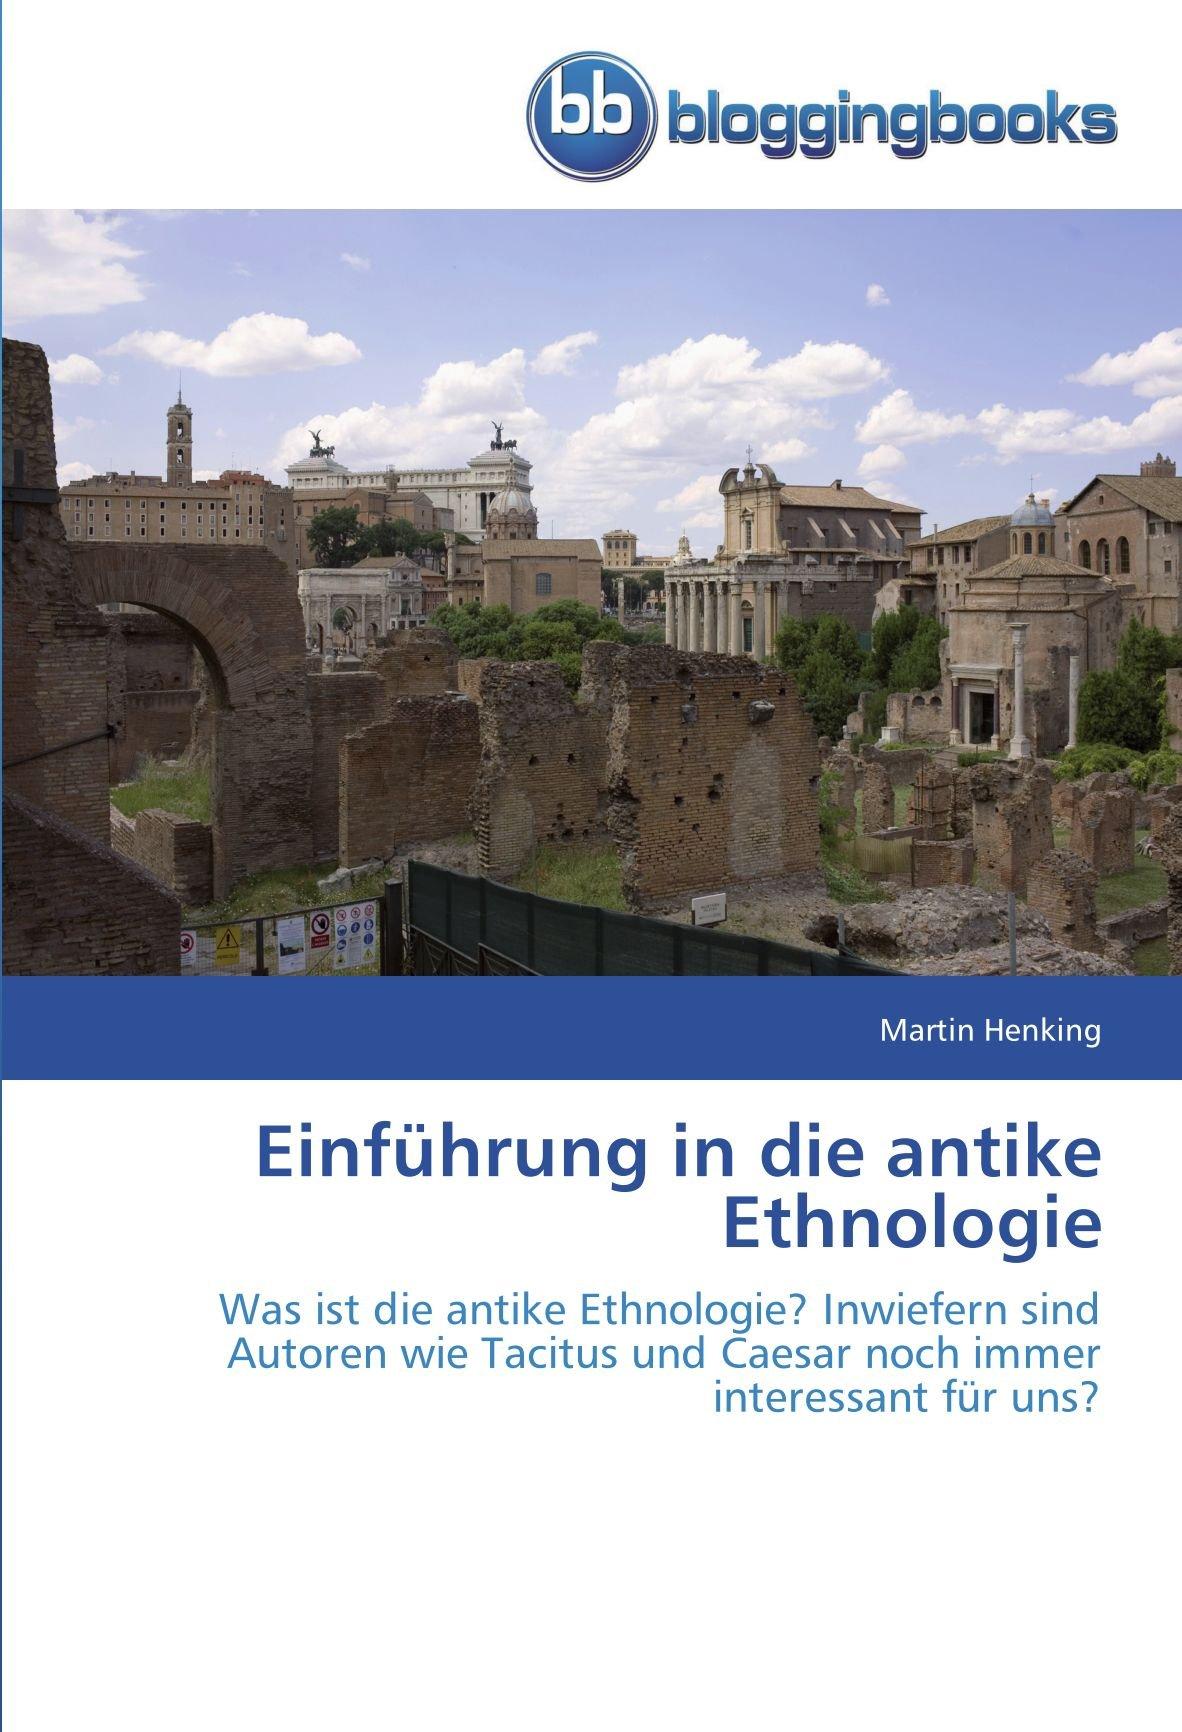 Einführung in die antike Ethnologie: Was ist die antike Ethnologie? Inwiefern sind Autoren wie Tacitus und Caesar noch immer interessant für uns?